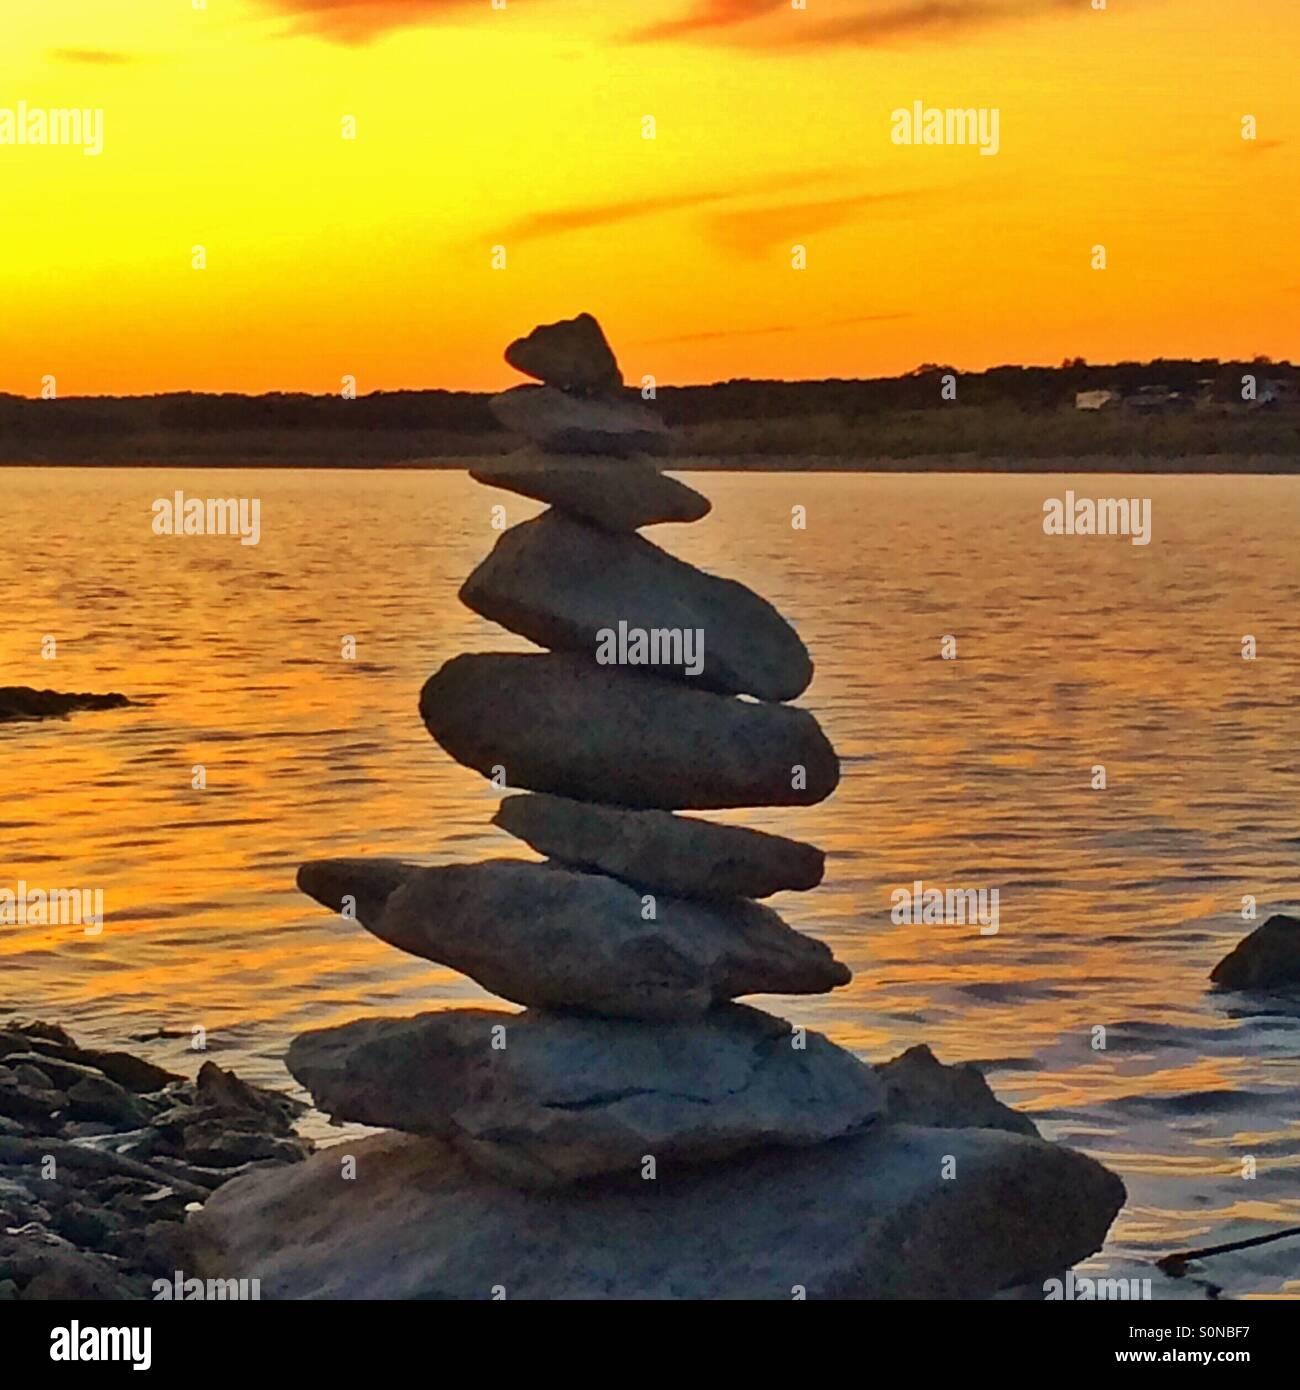 Les roches empilées au bord de l'eau Photo Stock